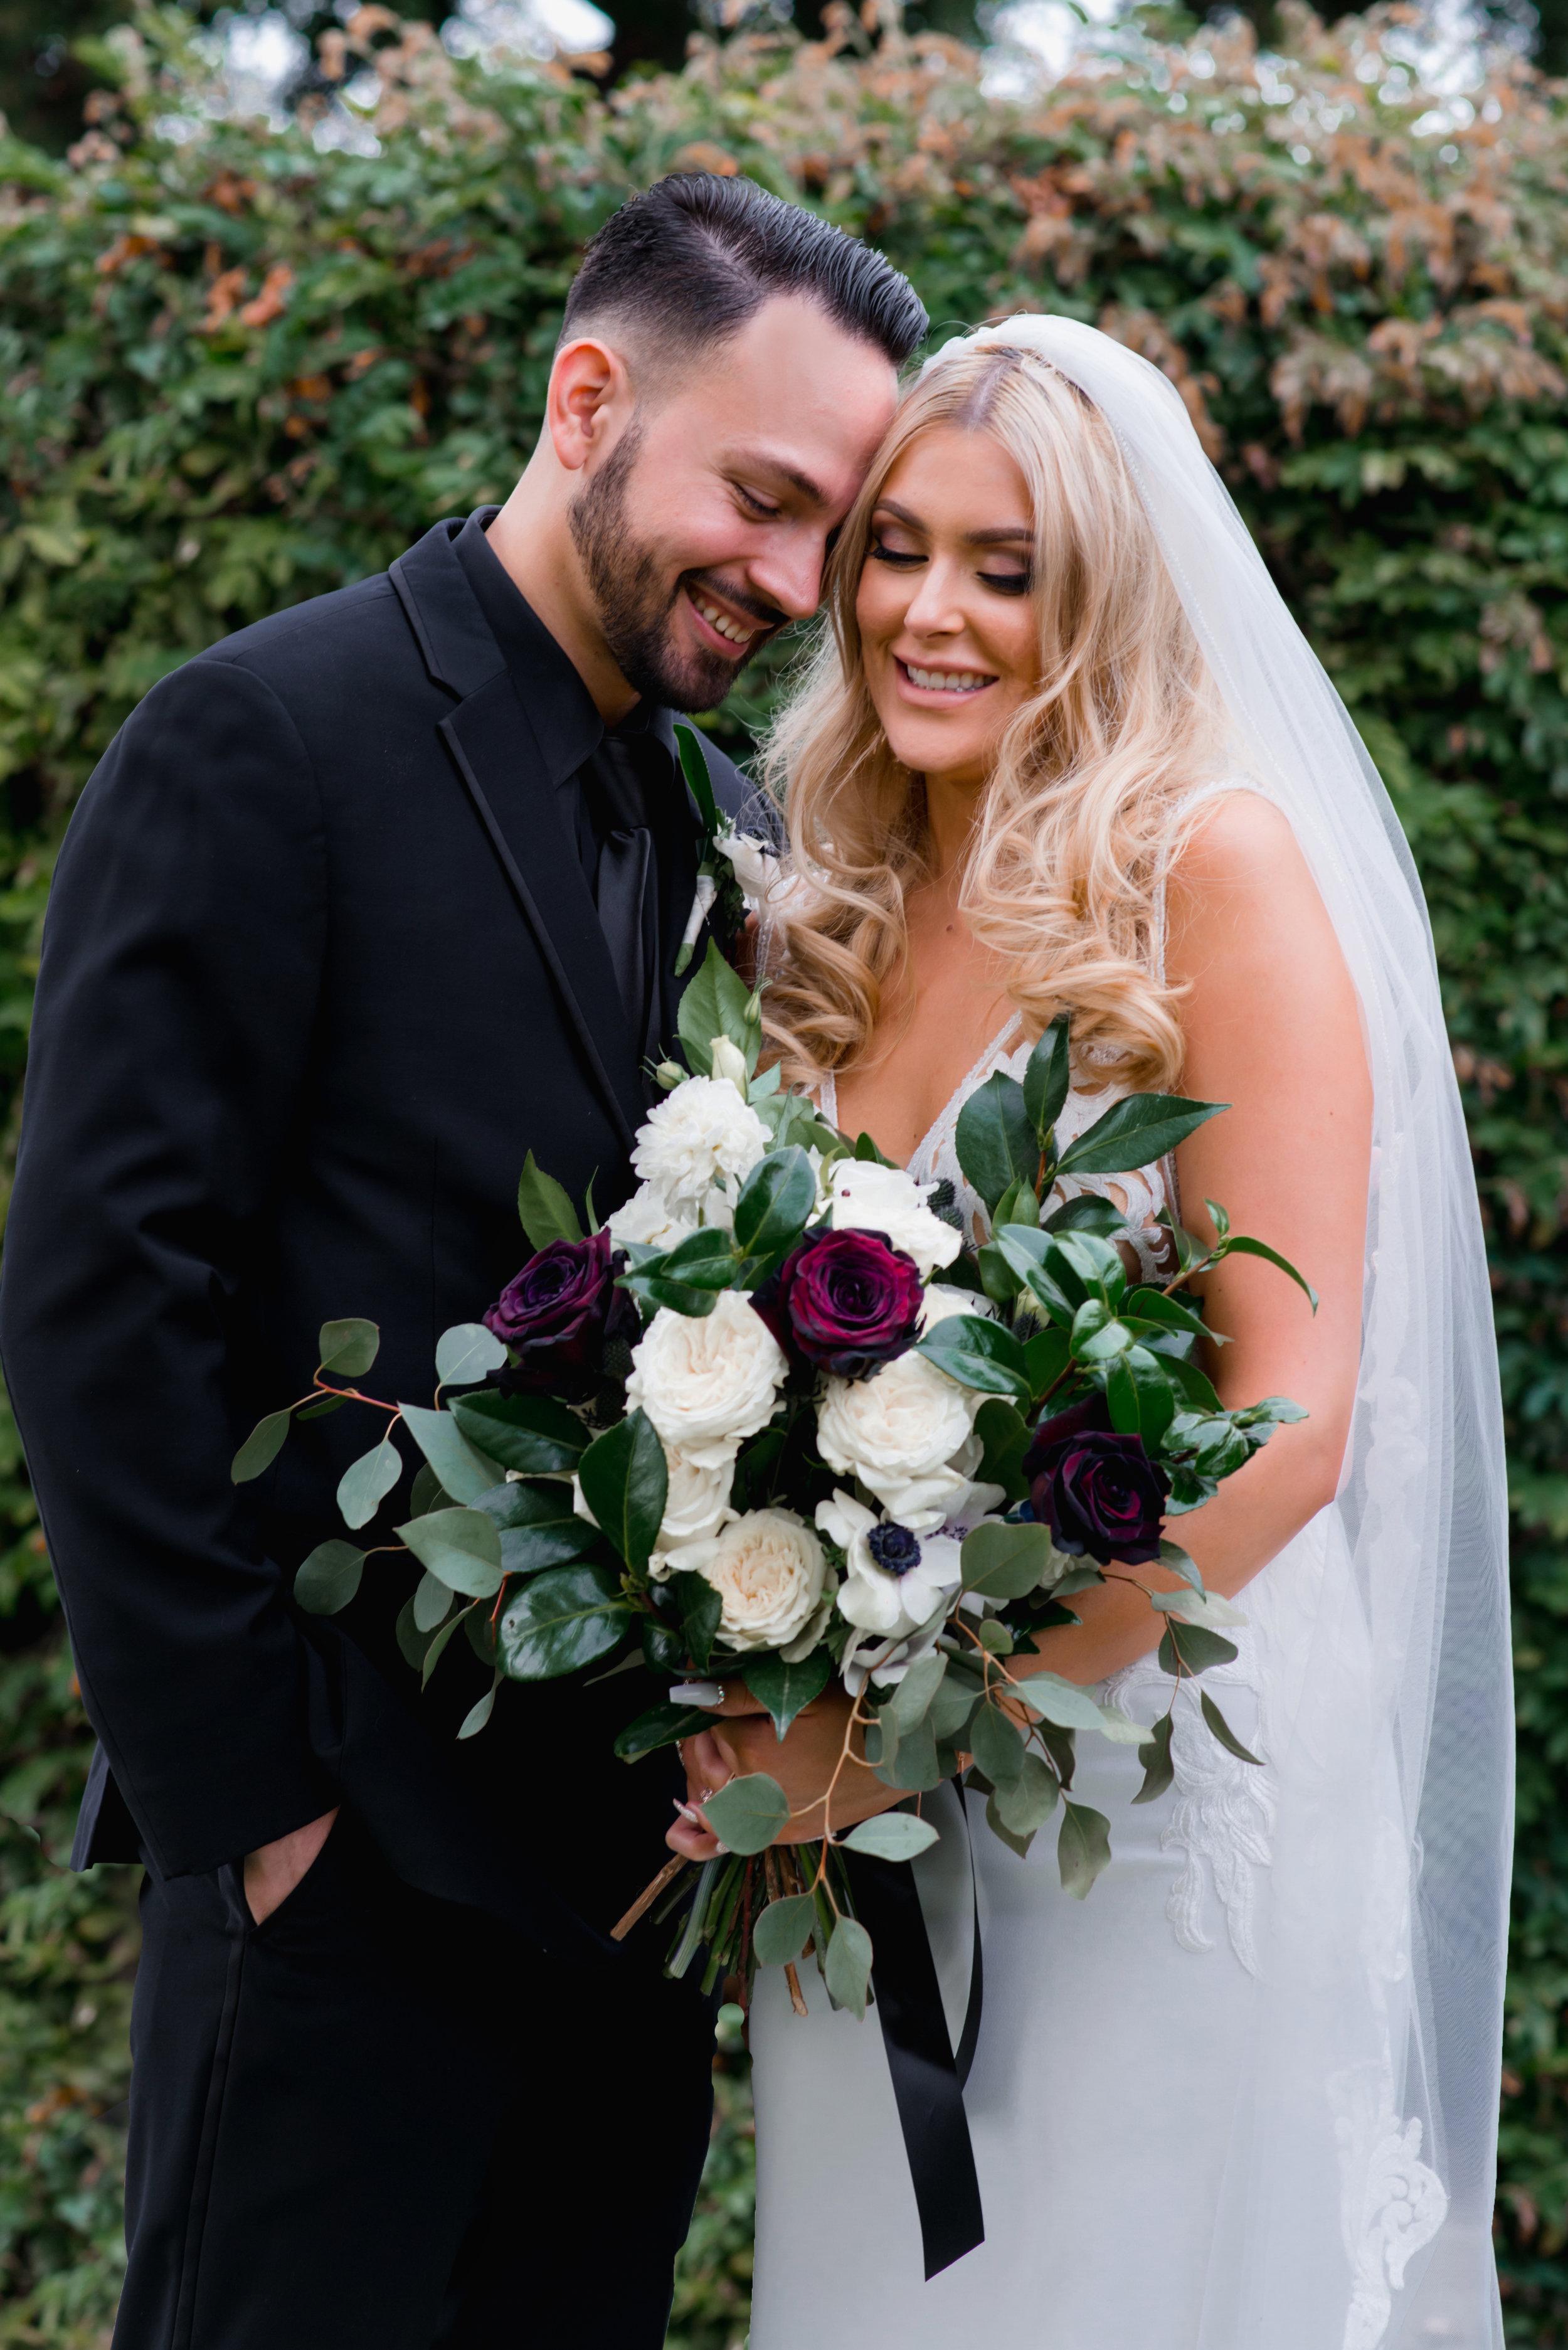 Amanda bride and groom bride's bouquet.jpg